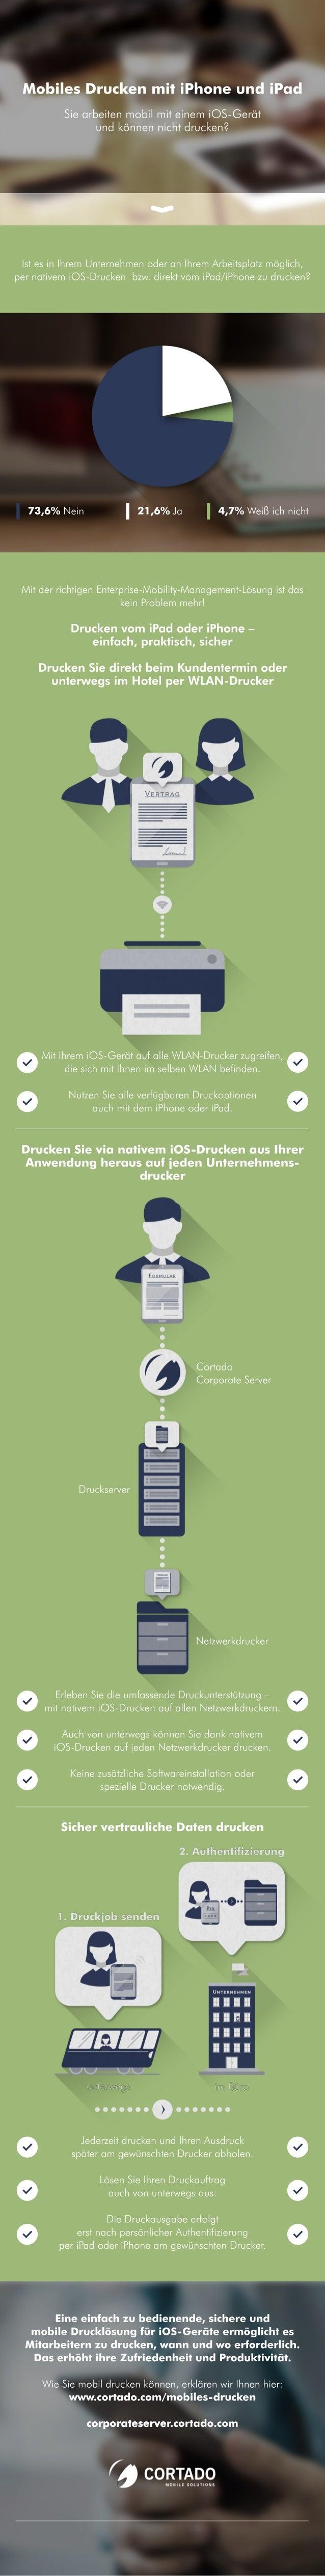 MobilesDruckenmitiPhoneundiPad SiearbeitenmobilmiteinemiOS-Gerät undkönnennichtdrucken? 73,6% Nein 4,7% Weißichnicht21,6% ...